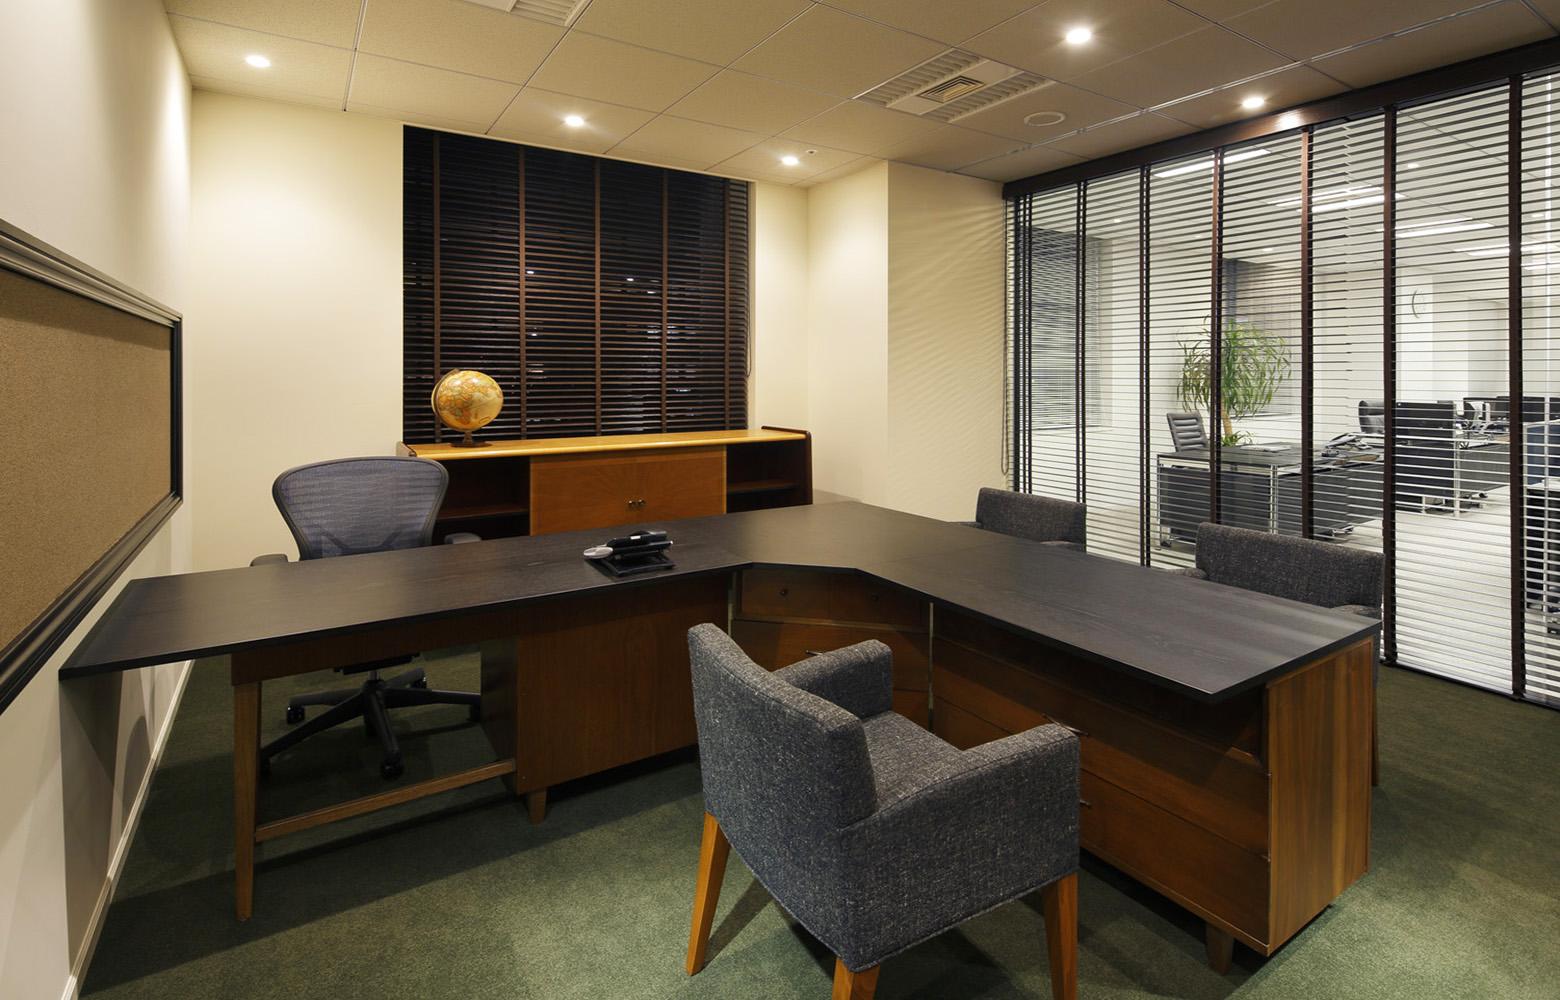 株式会社日本エスコン President's Room デザイン・レイアウト事例